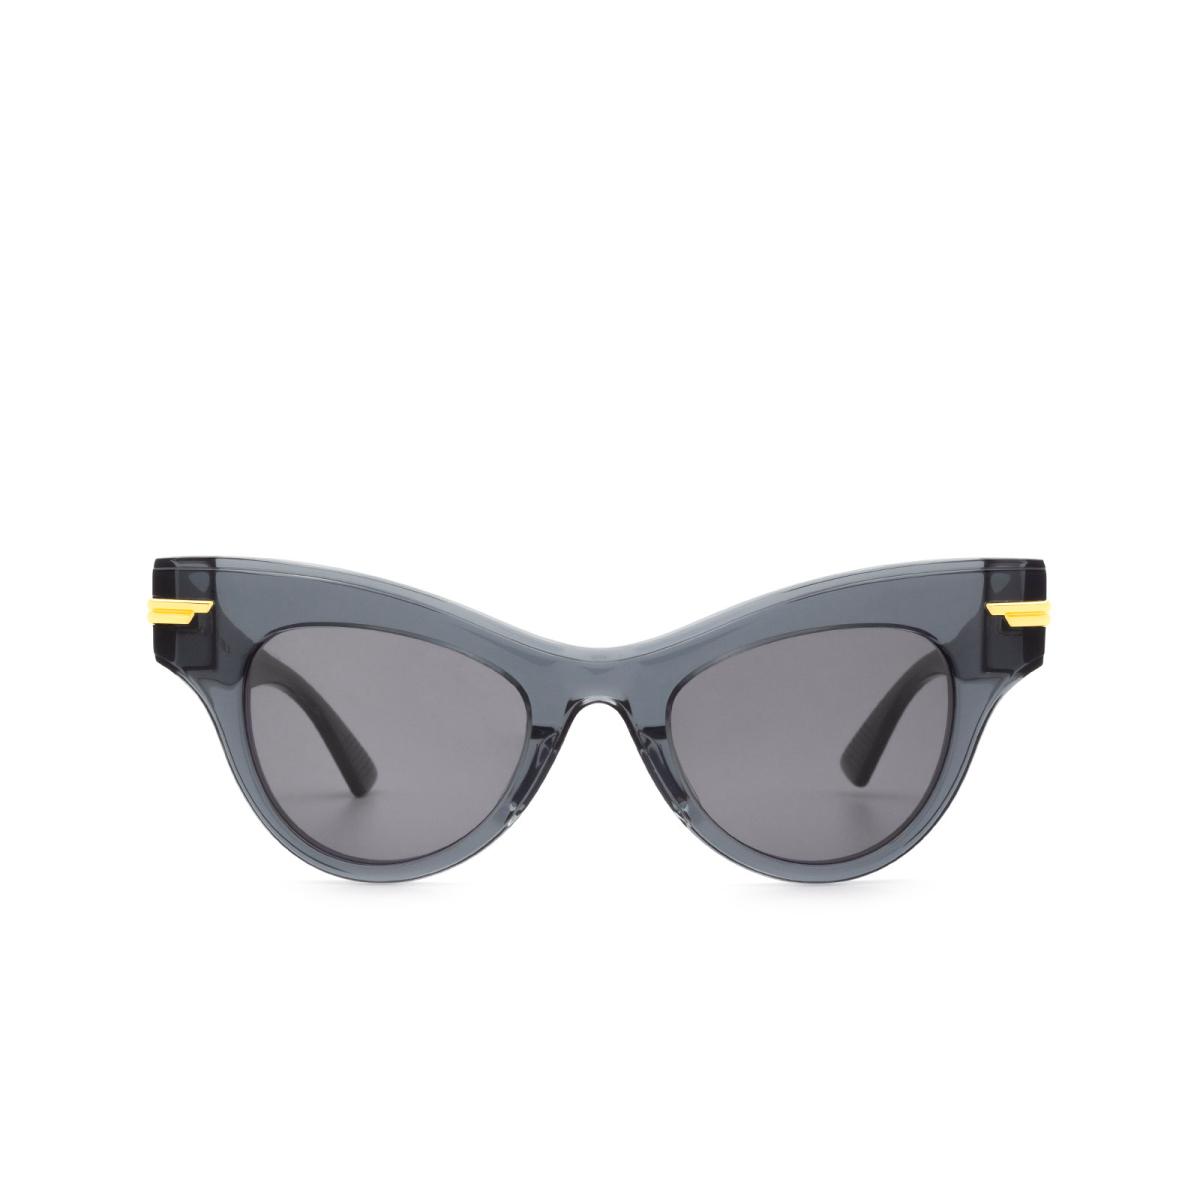 Bottega Veneta® : BV1004S color Grey 001.